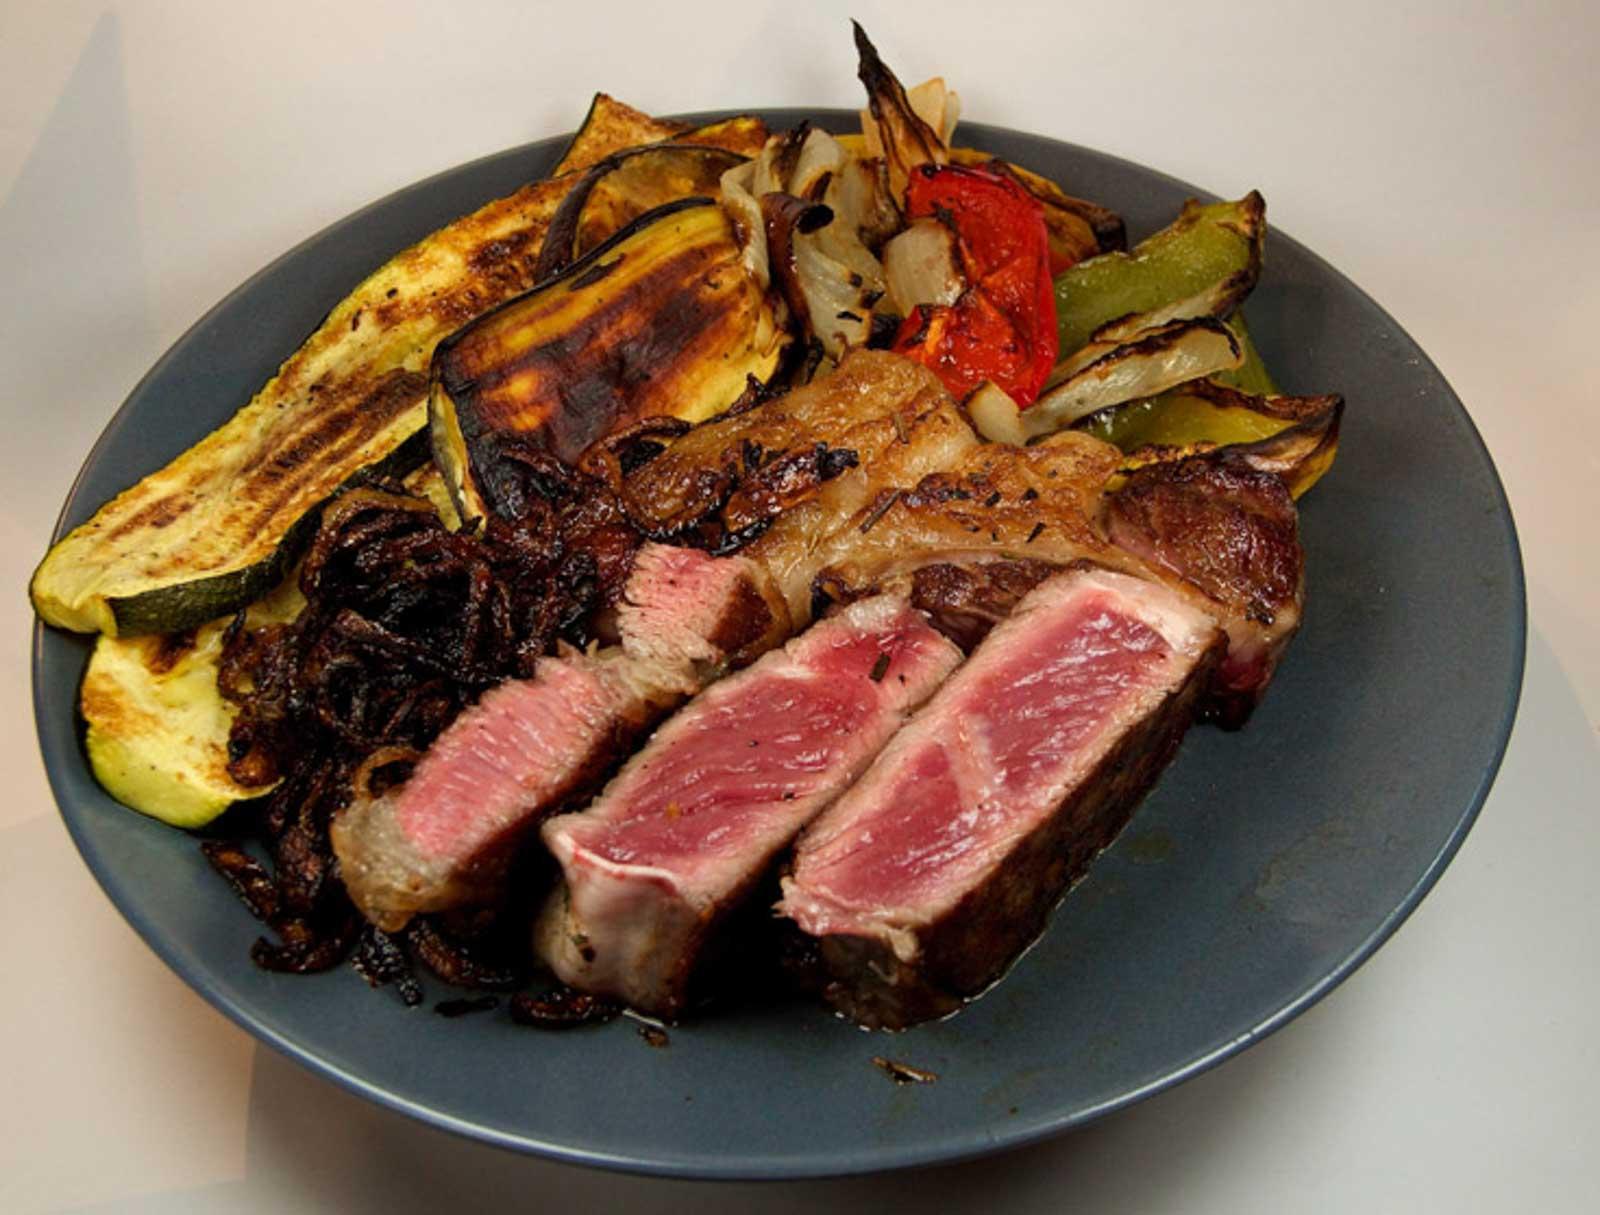 Entrecôte oder Steak mit Gemüse und RöstzwiebelnPrint recipe Entrecôte mit Gemüse und Röstzwiebeln Zutaten